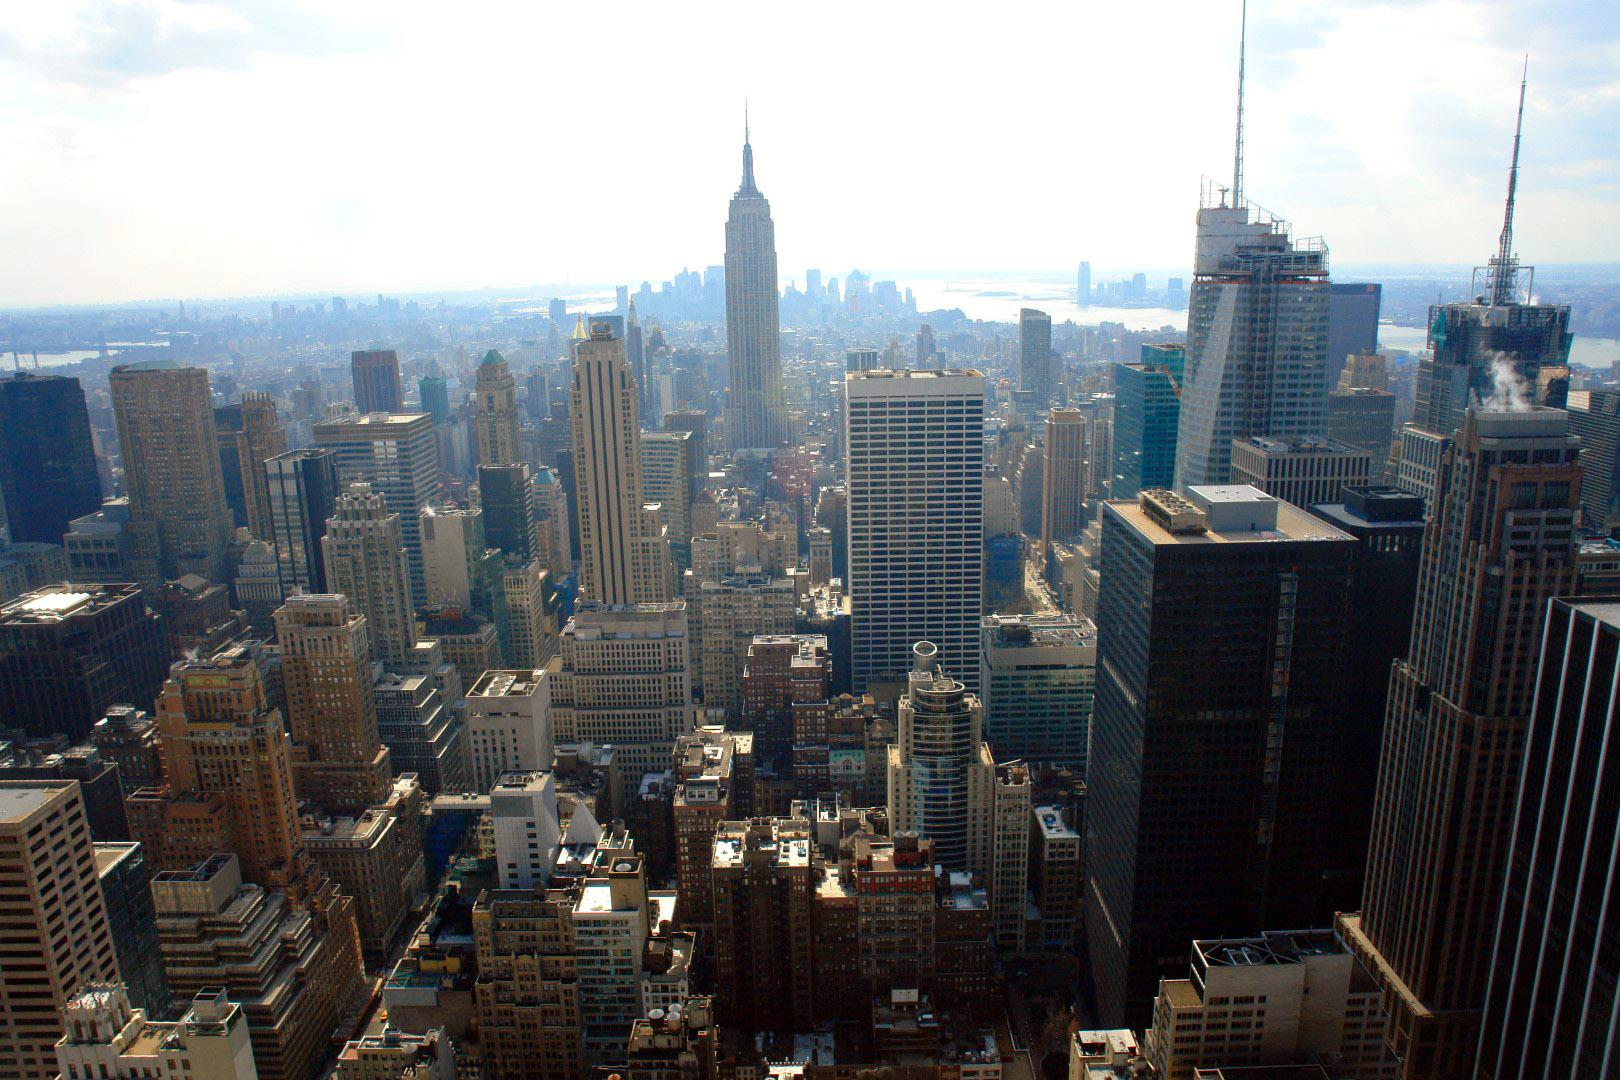 Qué hacer y ver en Nueva York qué hacer y ver en nueva york - 31028398991 6f8dd71c2f o - Qué hacer y ver en Nueva York